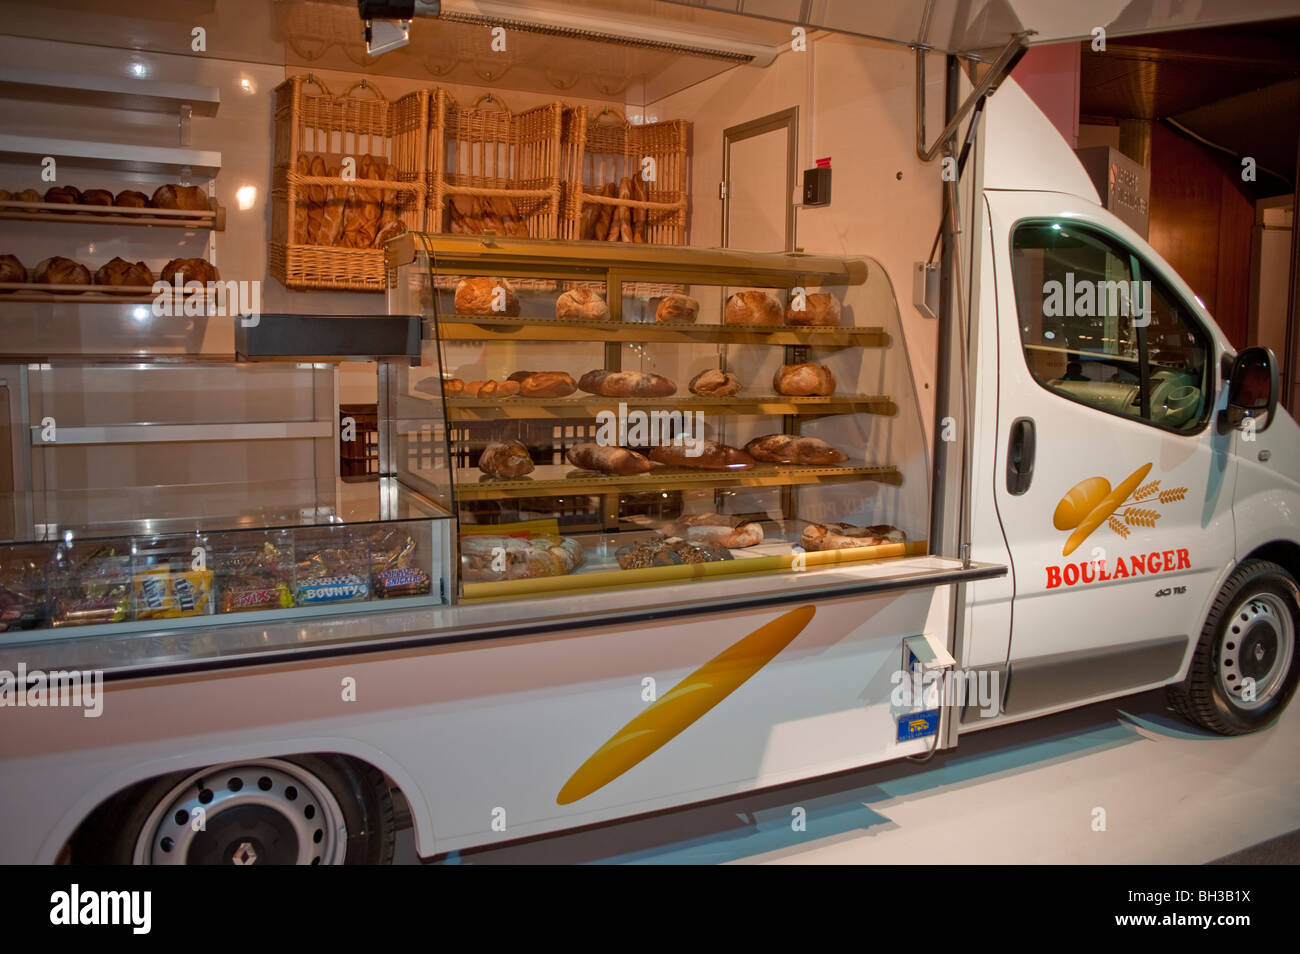 Marais Food Truck